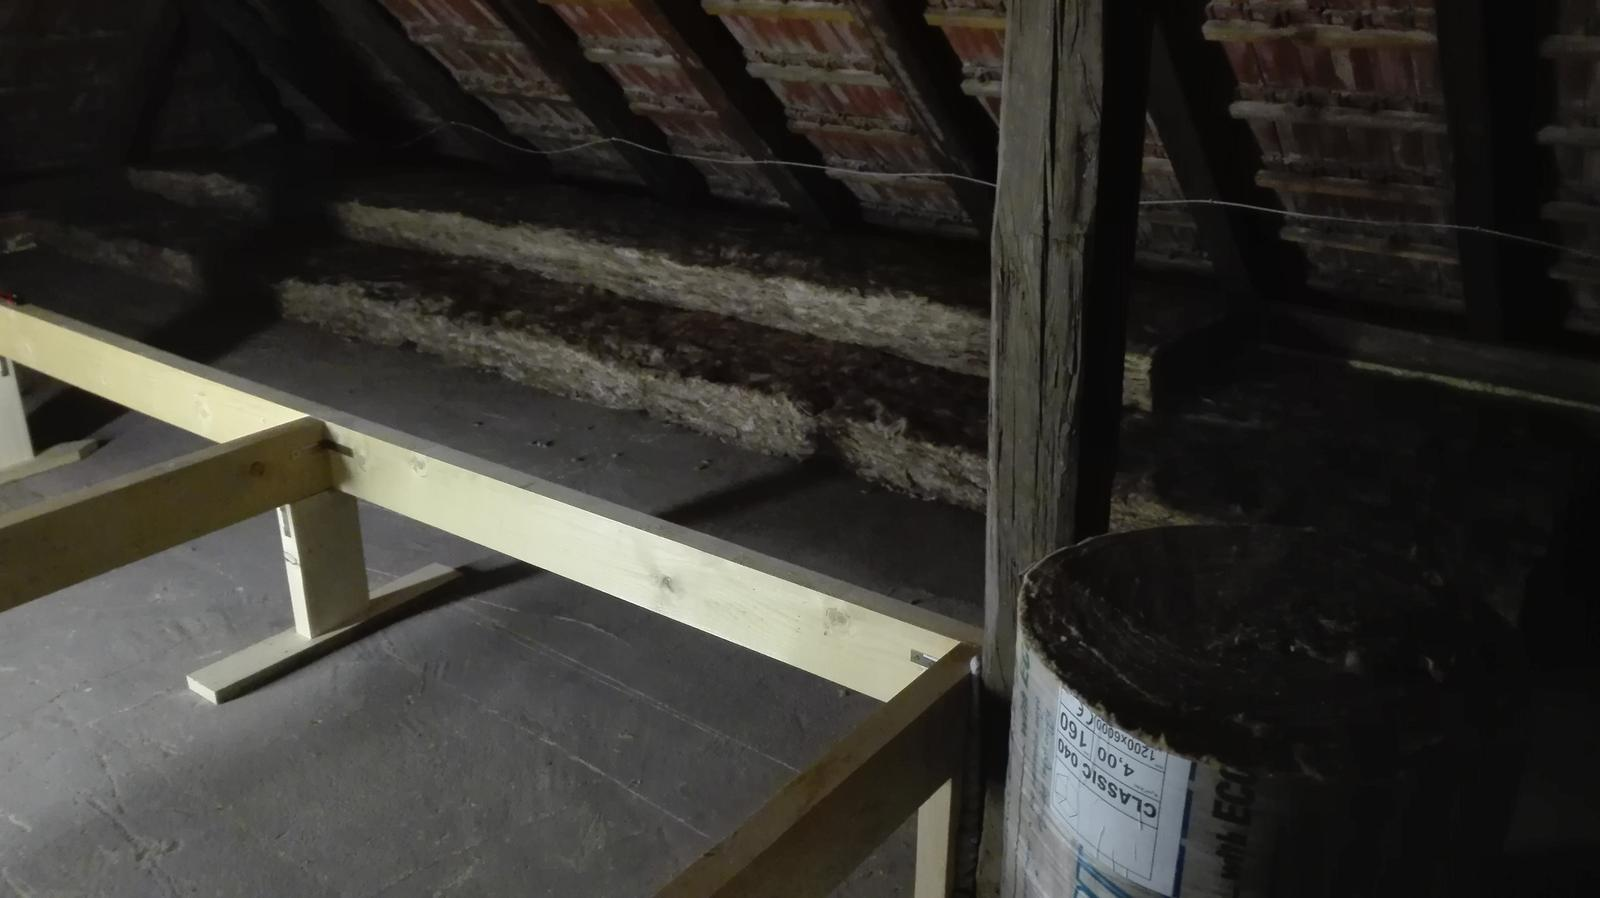 Zlepsenie tepelnoizolacnych vlastností tramoveho stropu - Obrázok č. 12